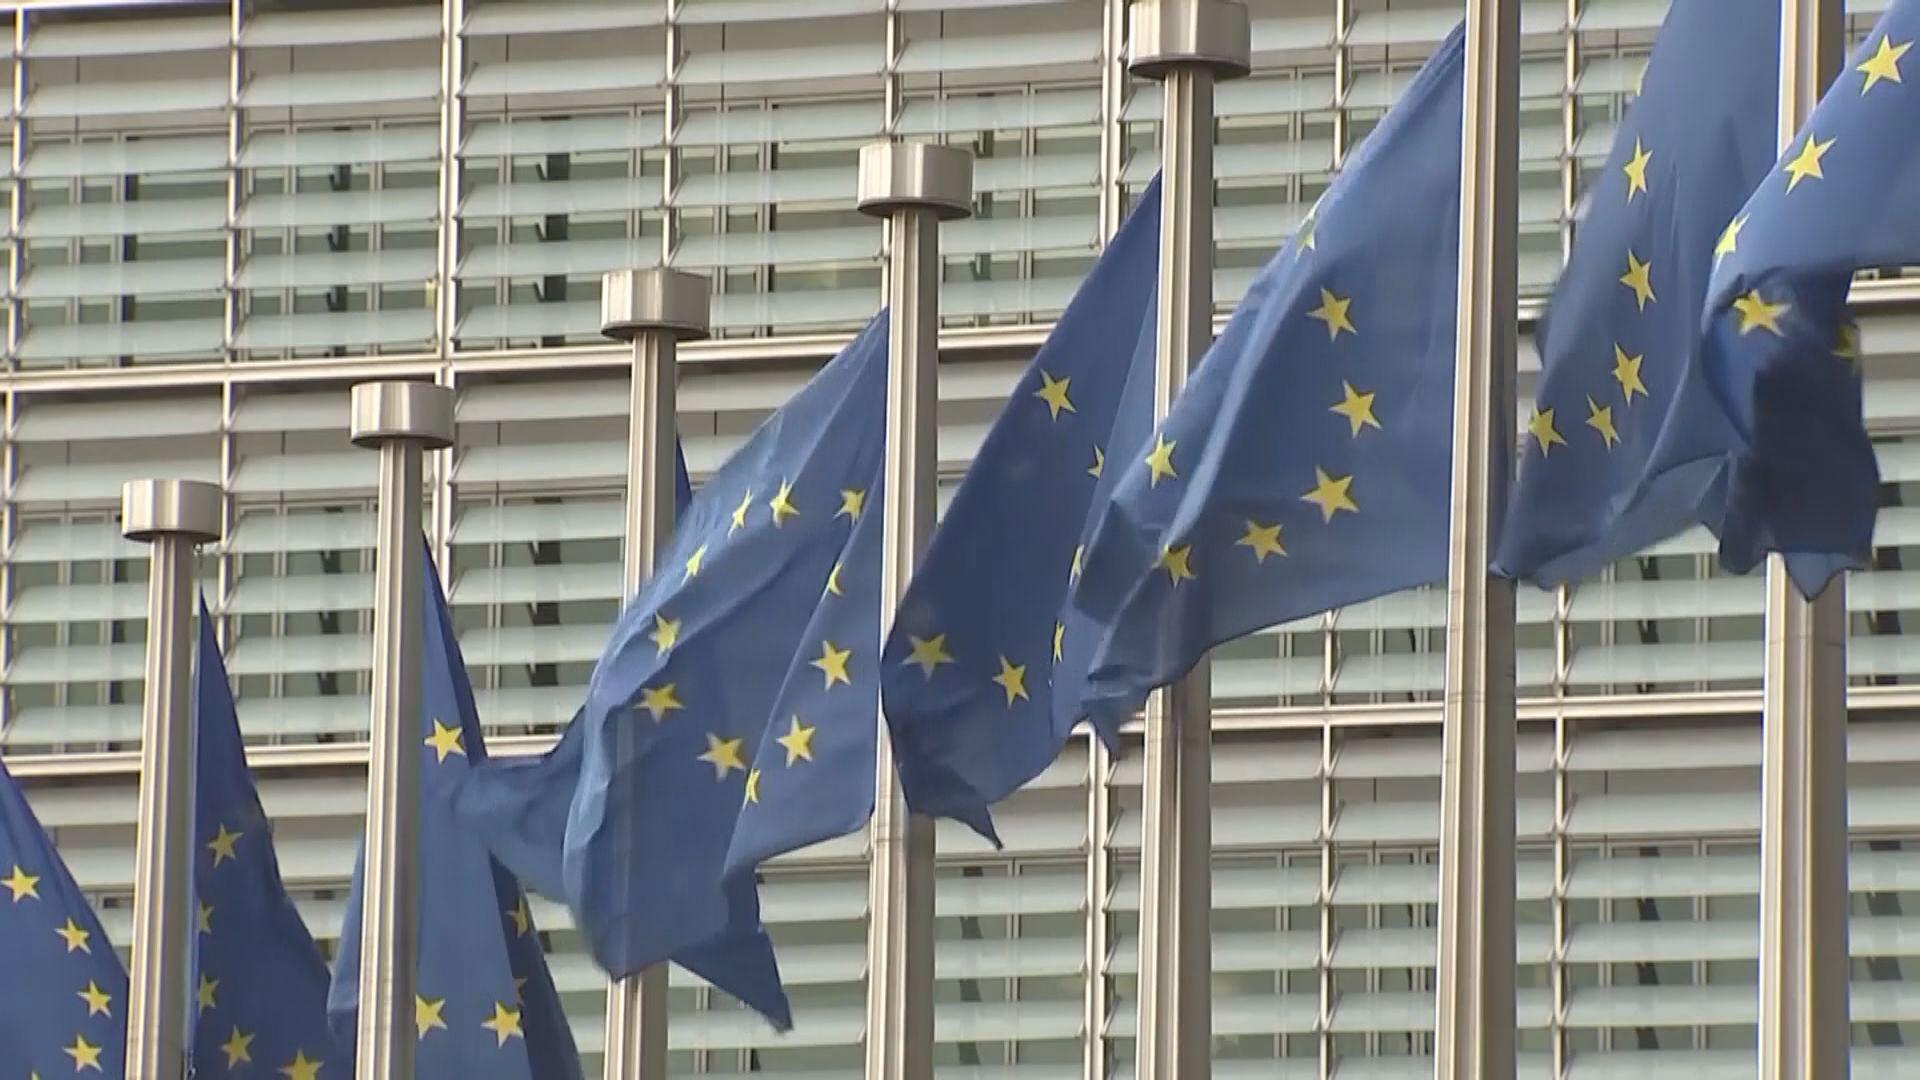 傳歐盟提出與美國建立新聯盟 應付來自中國的威脅